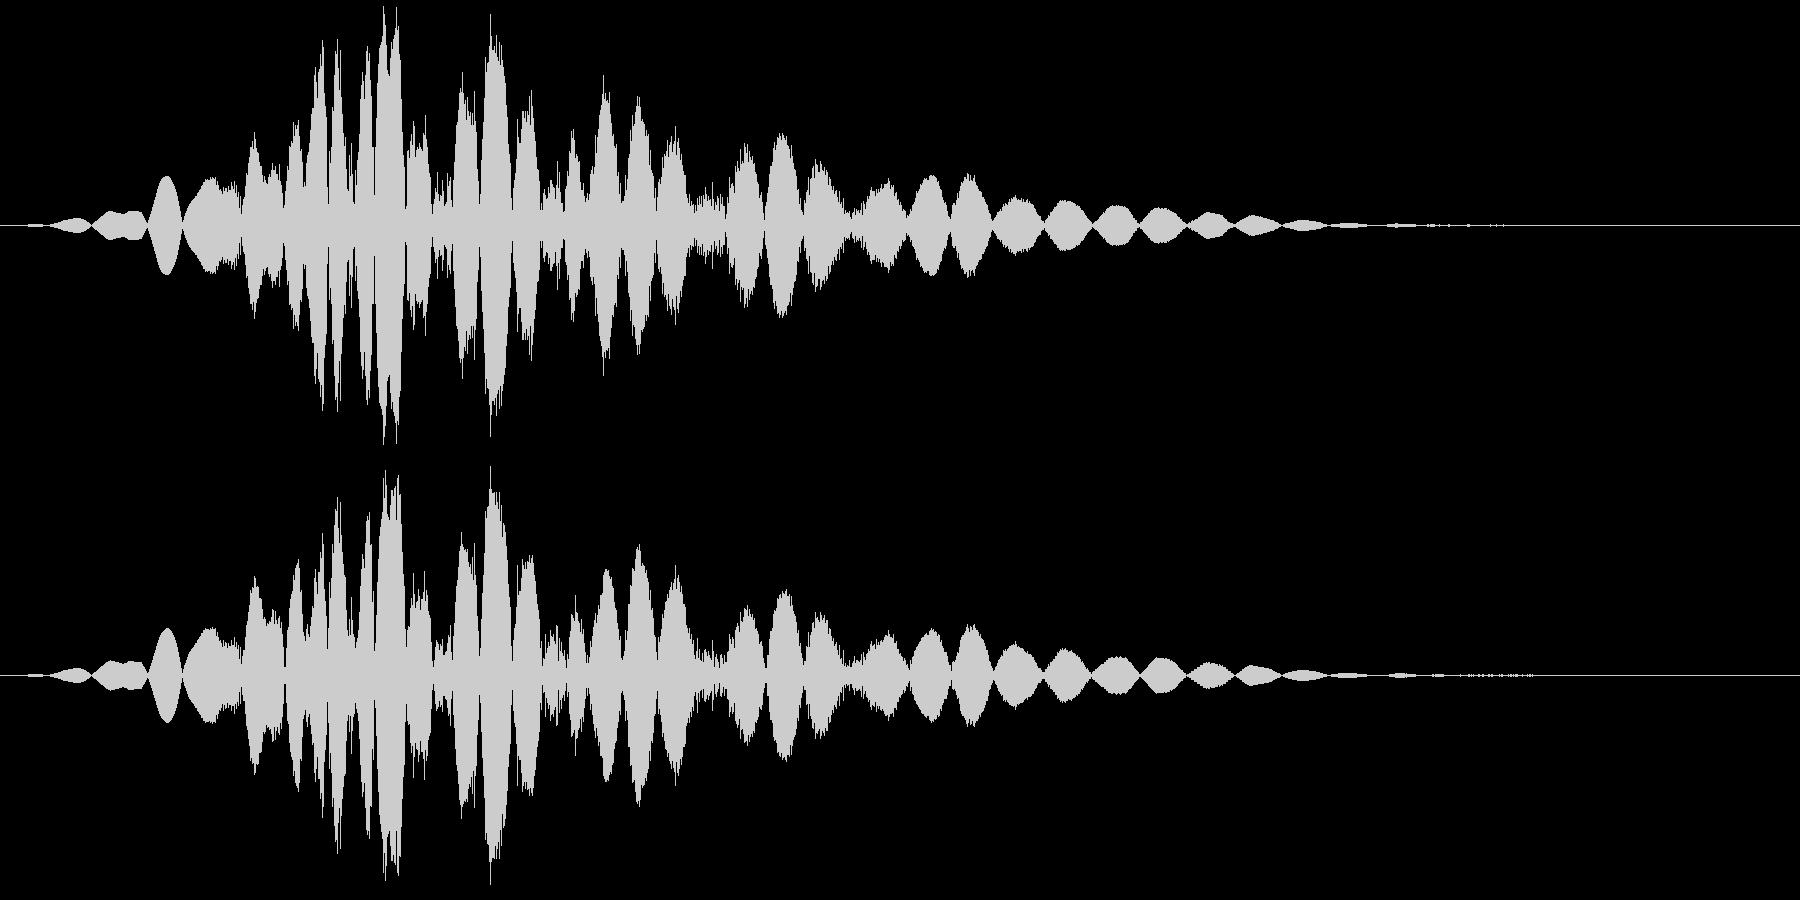 KAKUGE 格闘ゲーム戦闘音 66の未再生の波形